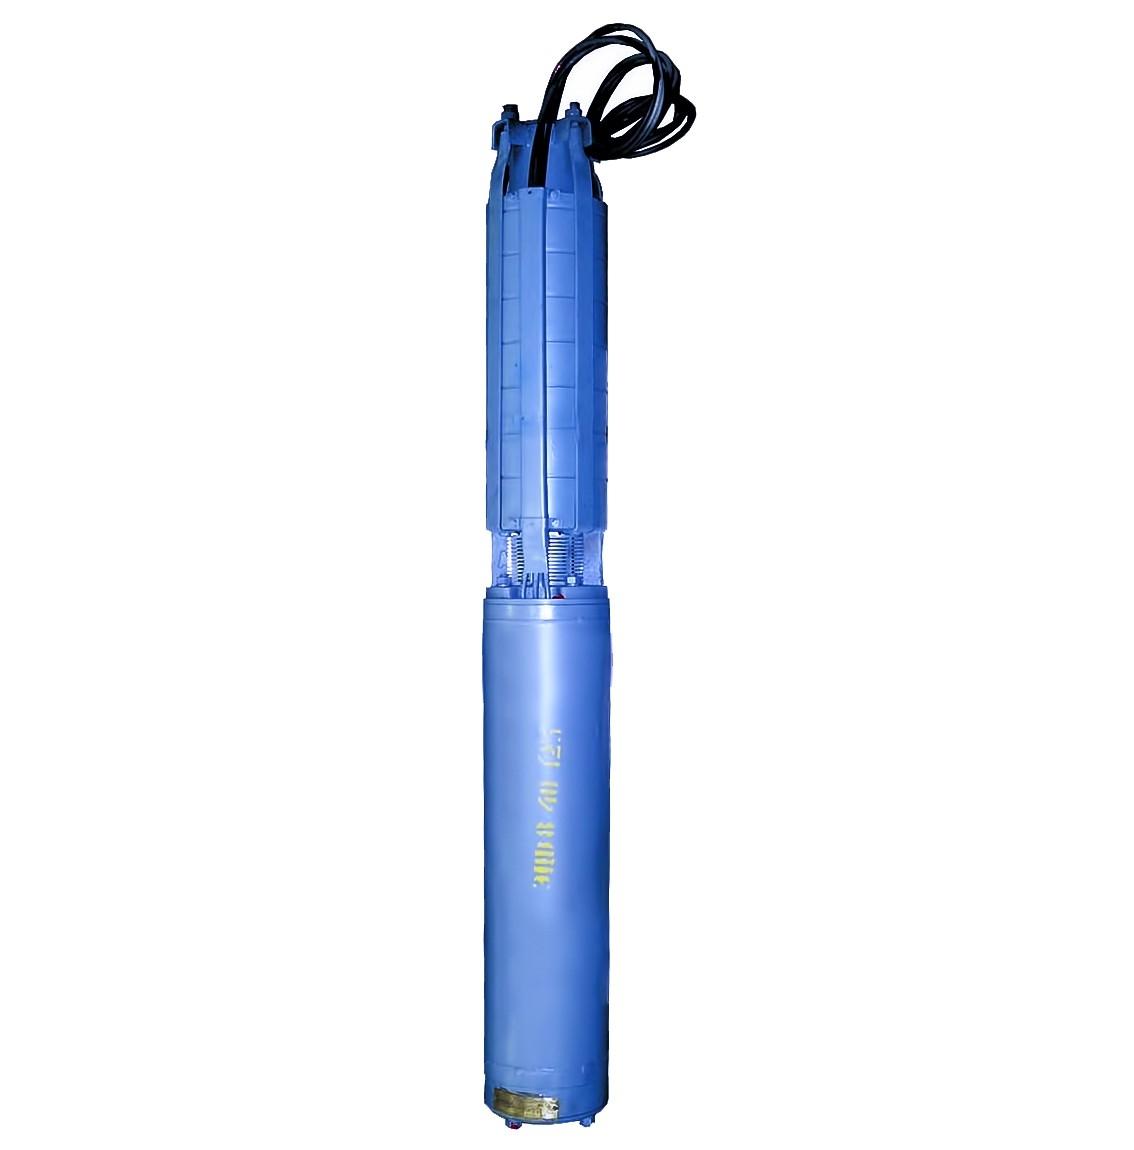 Погружной насос ЭЦВ 5-4-220 армлен